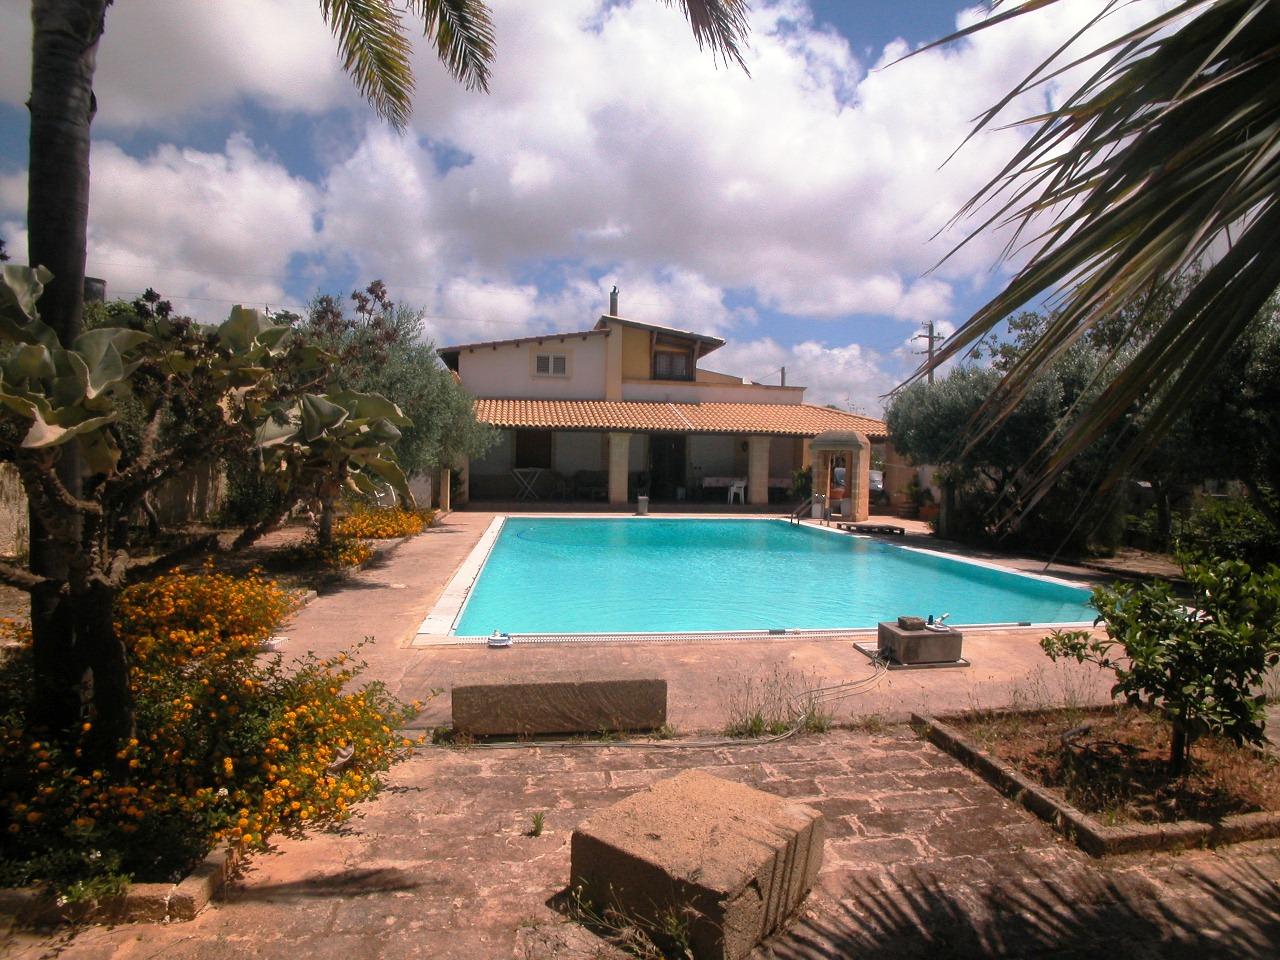 Laguna blu agenzia immobiliare marsala blog archive - Villa dei sogni piscina ...